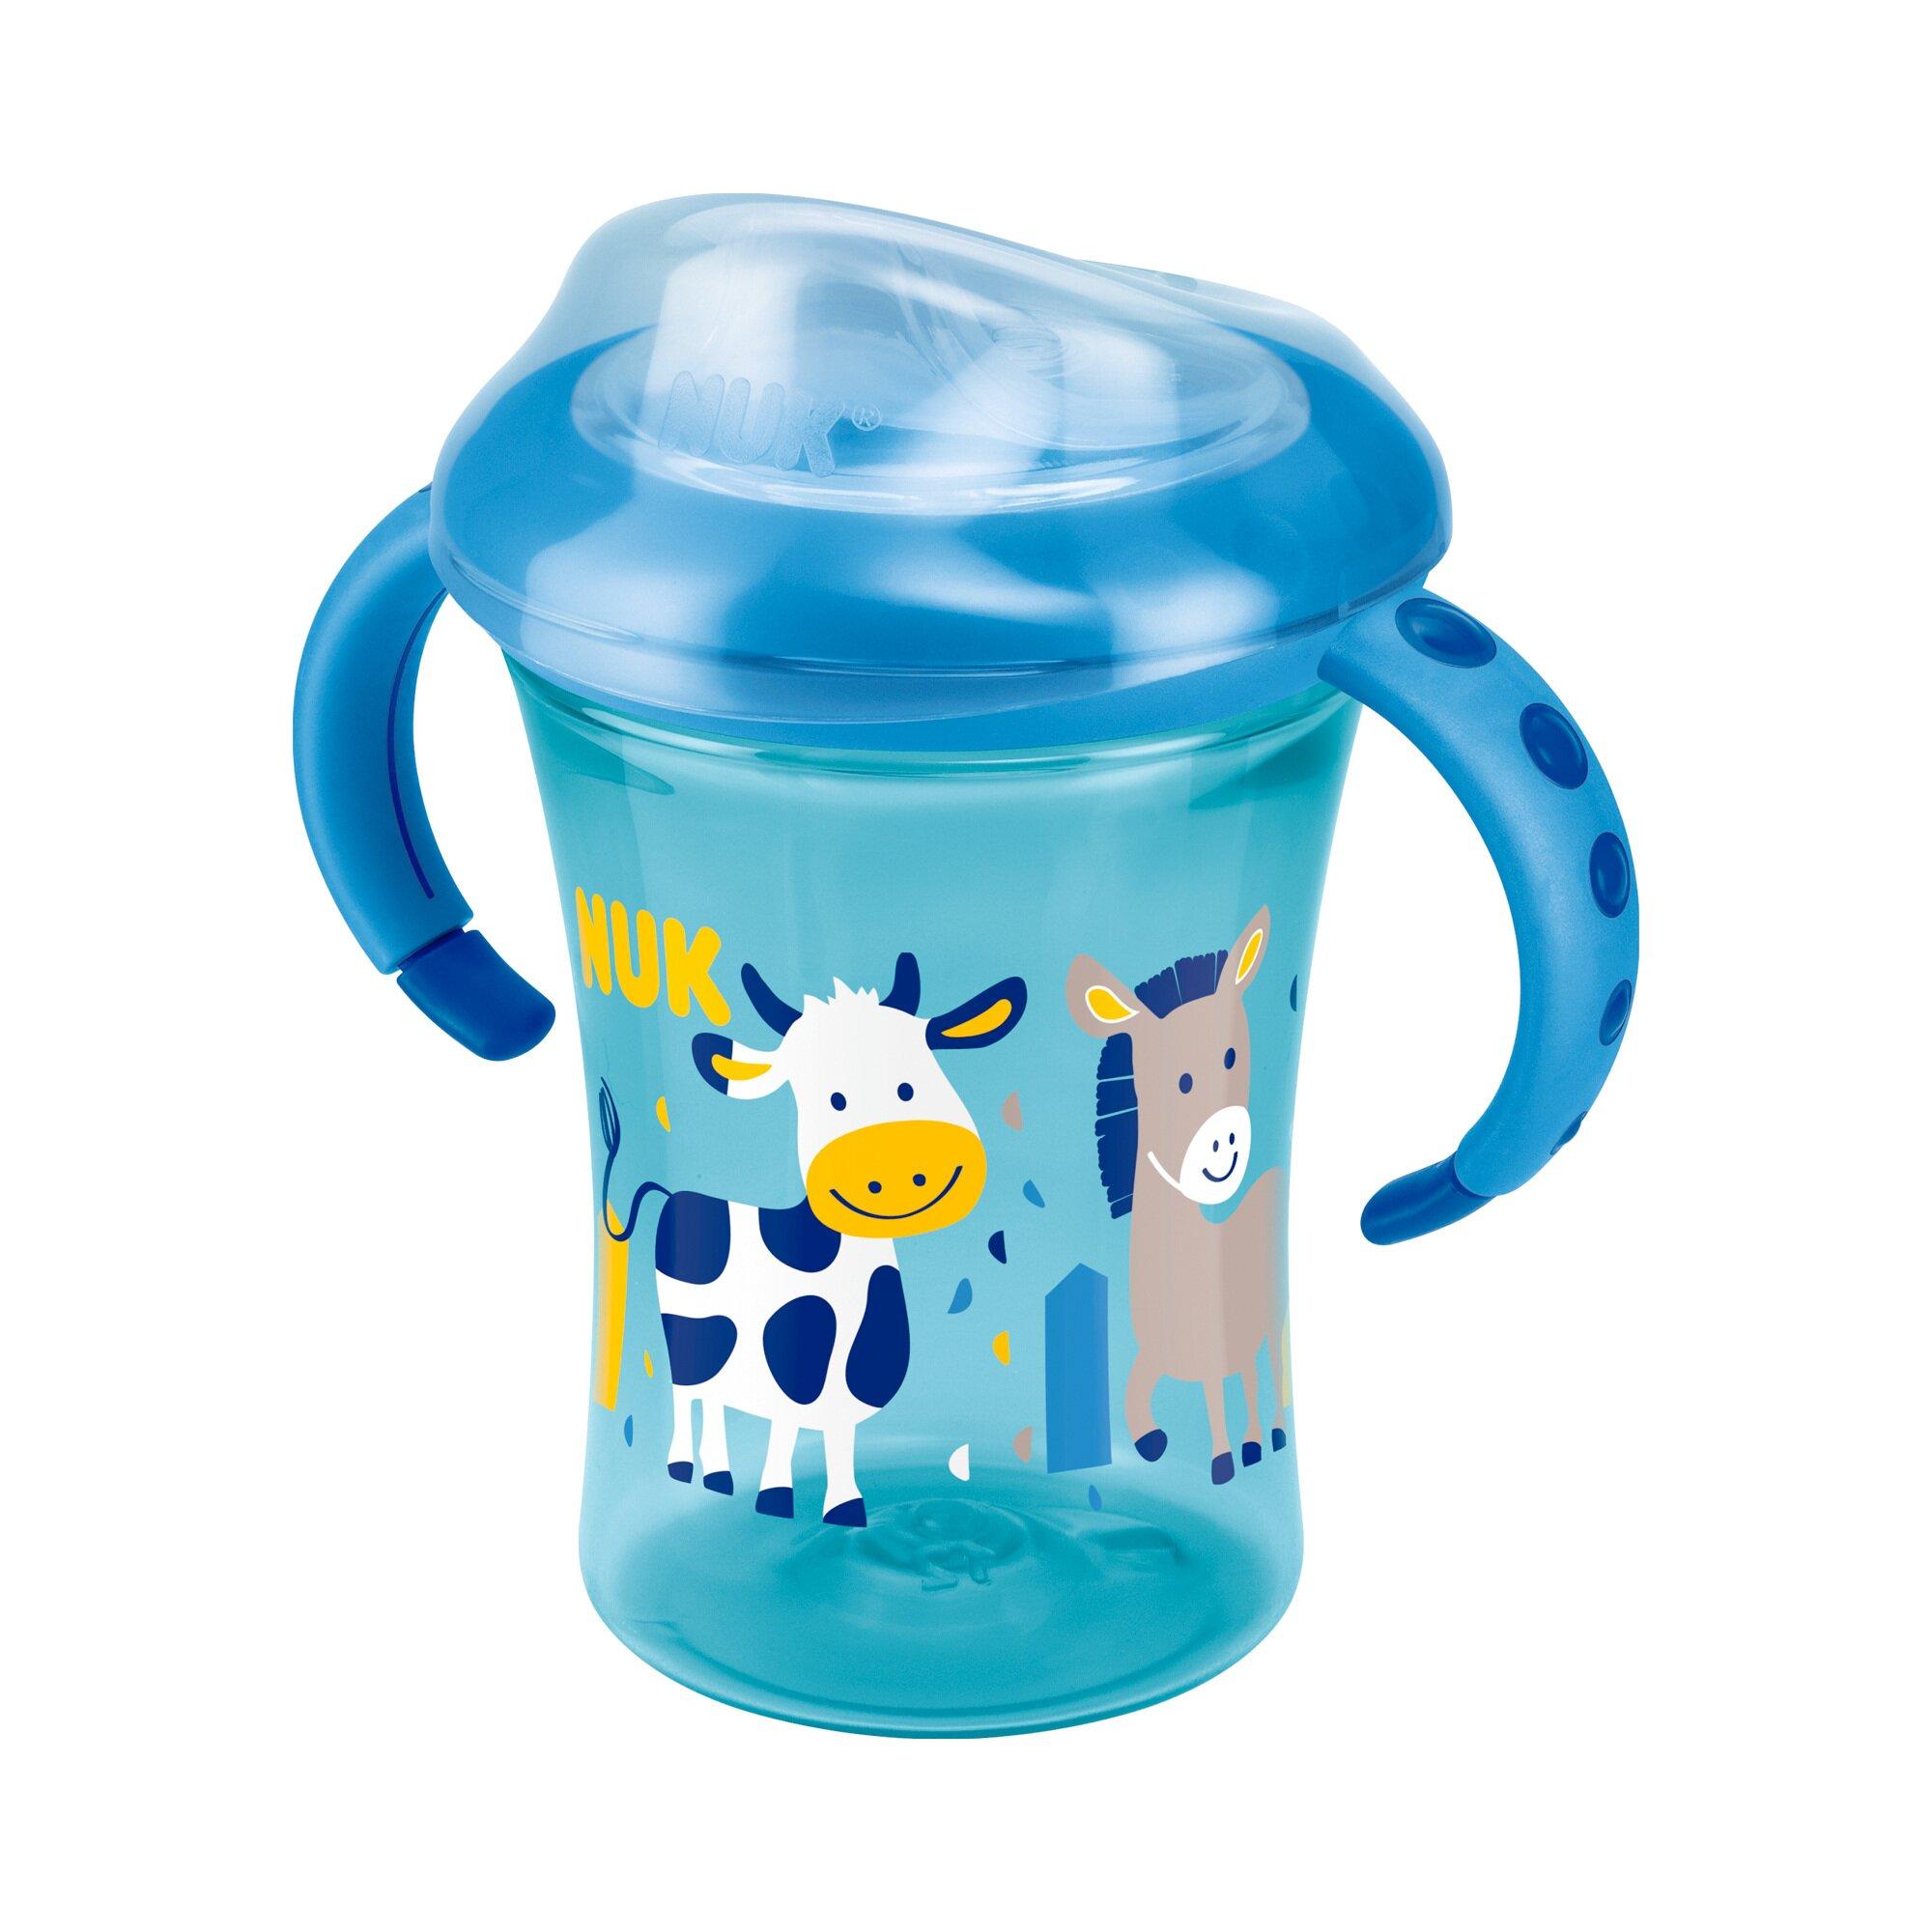 nuk-trinklernbecher-easy-learning-starter-cup